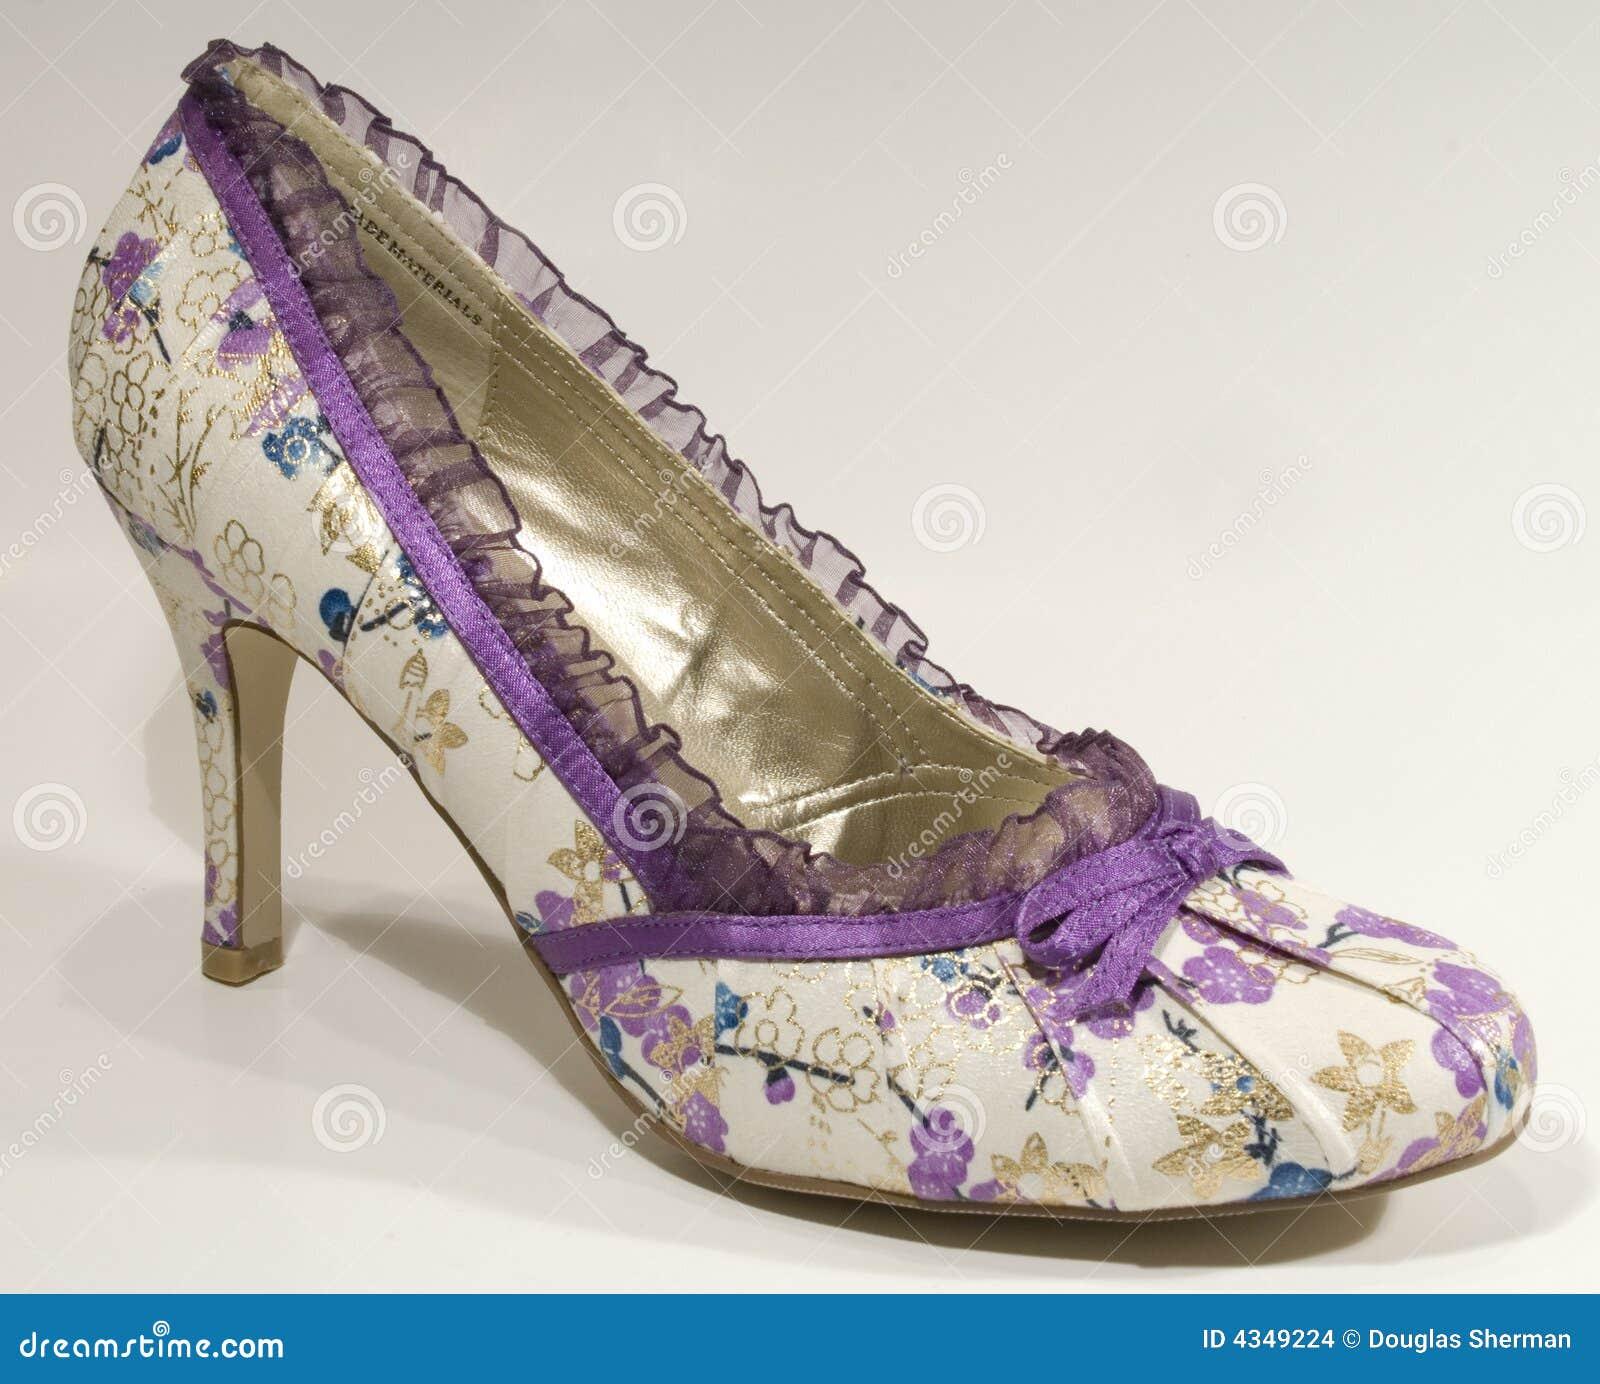 Elegant Purple Floral High Heel Shoe Stock Images - Image: 4349224